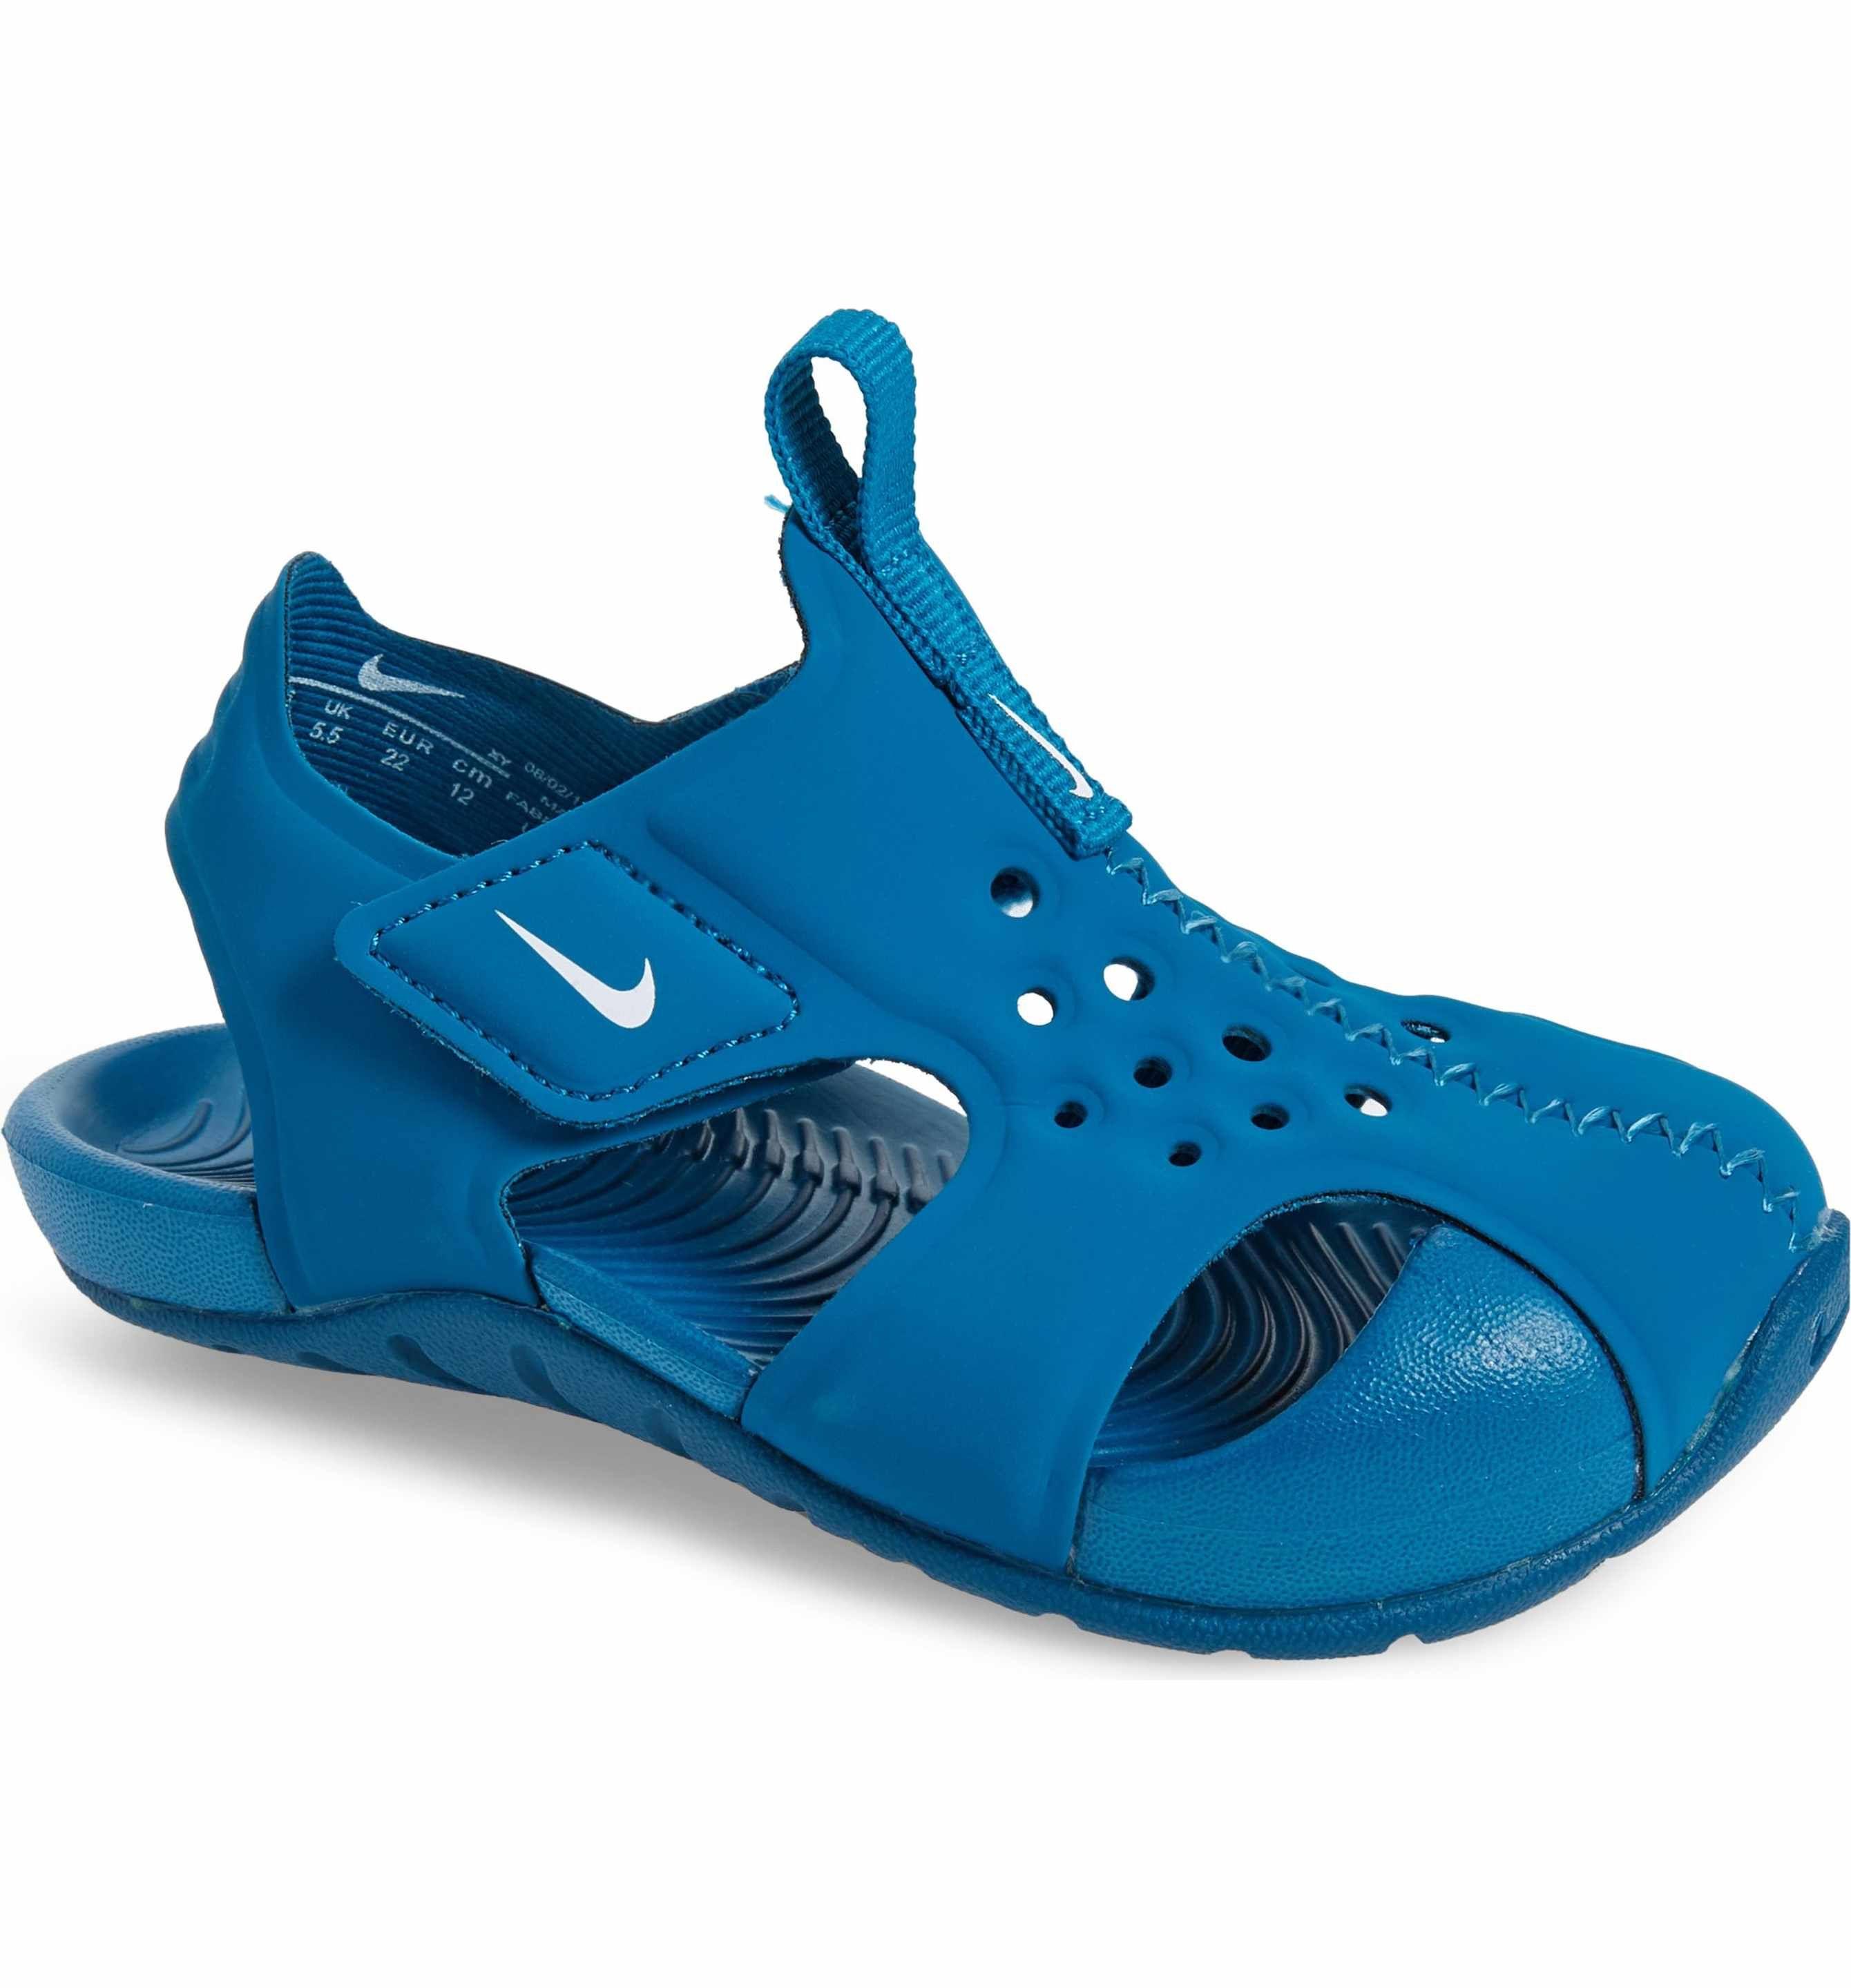 Nike Sunray Protect 2 Sandal (Baby